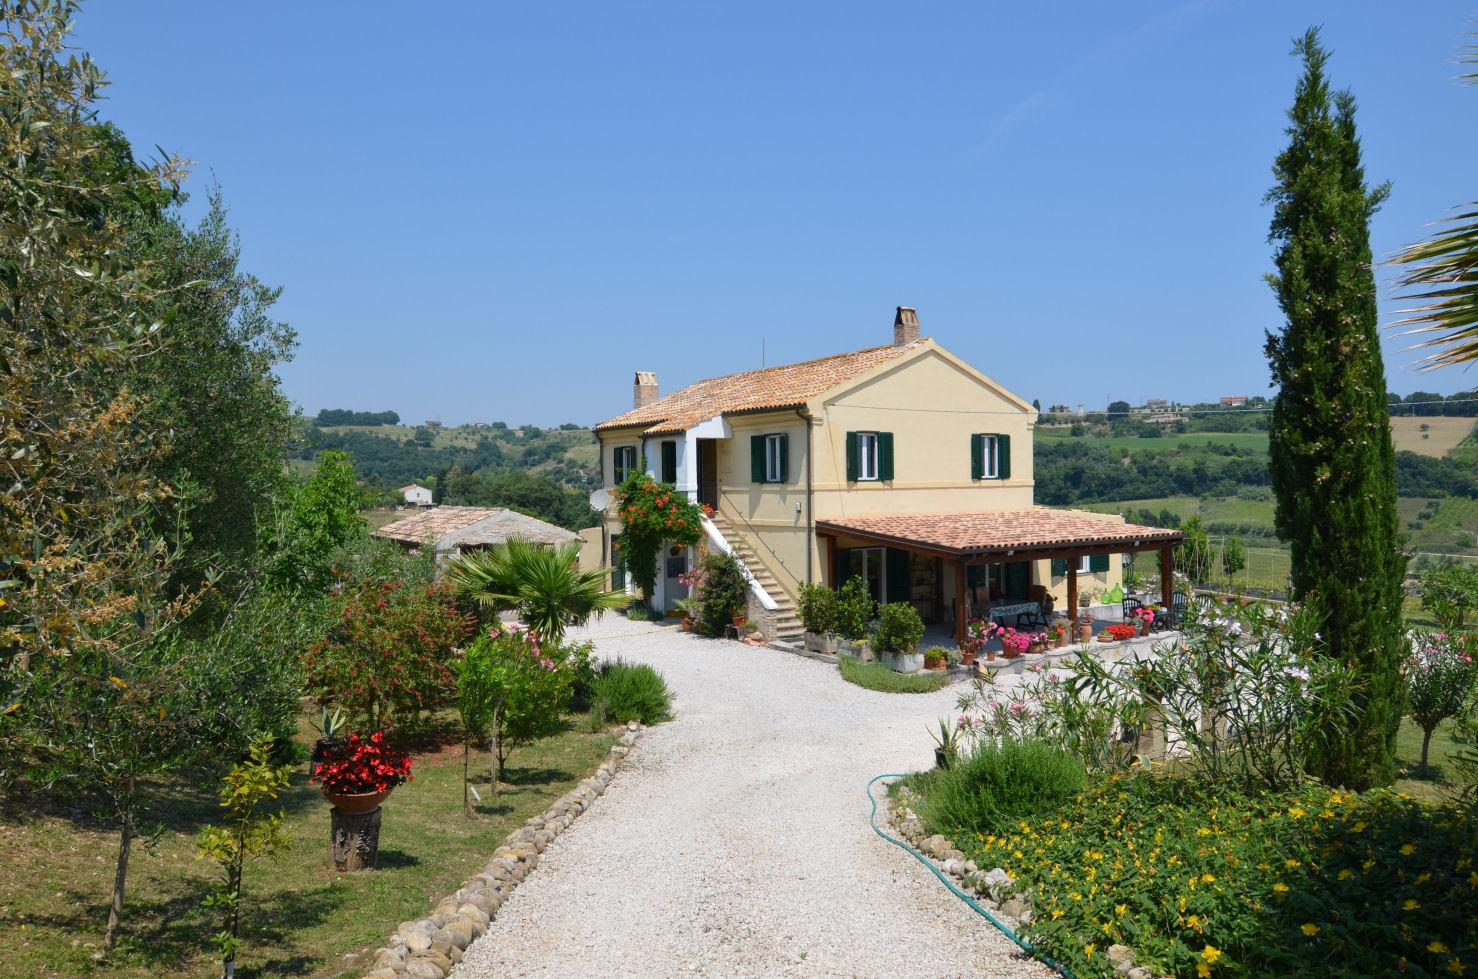 ae3962bb05d91 Tipico casale colonico marchigiano ristrutturato con eccezionale vista mare  ed ampio giardino in vendita a Massignano